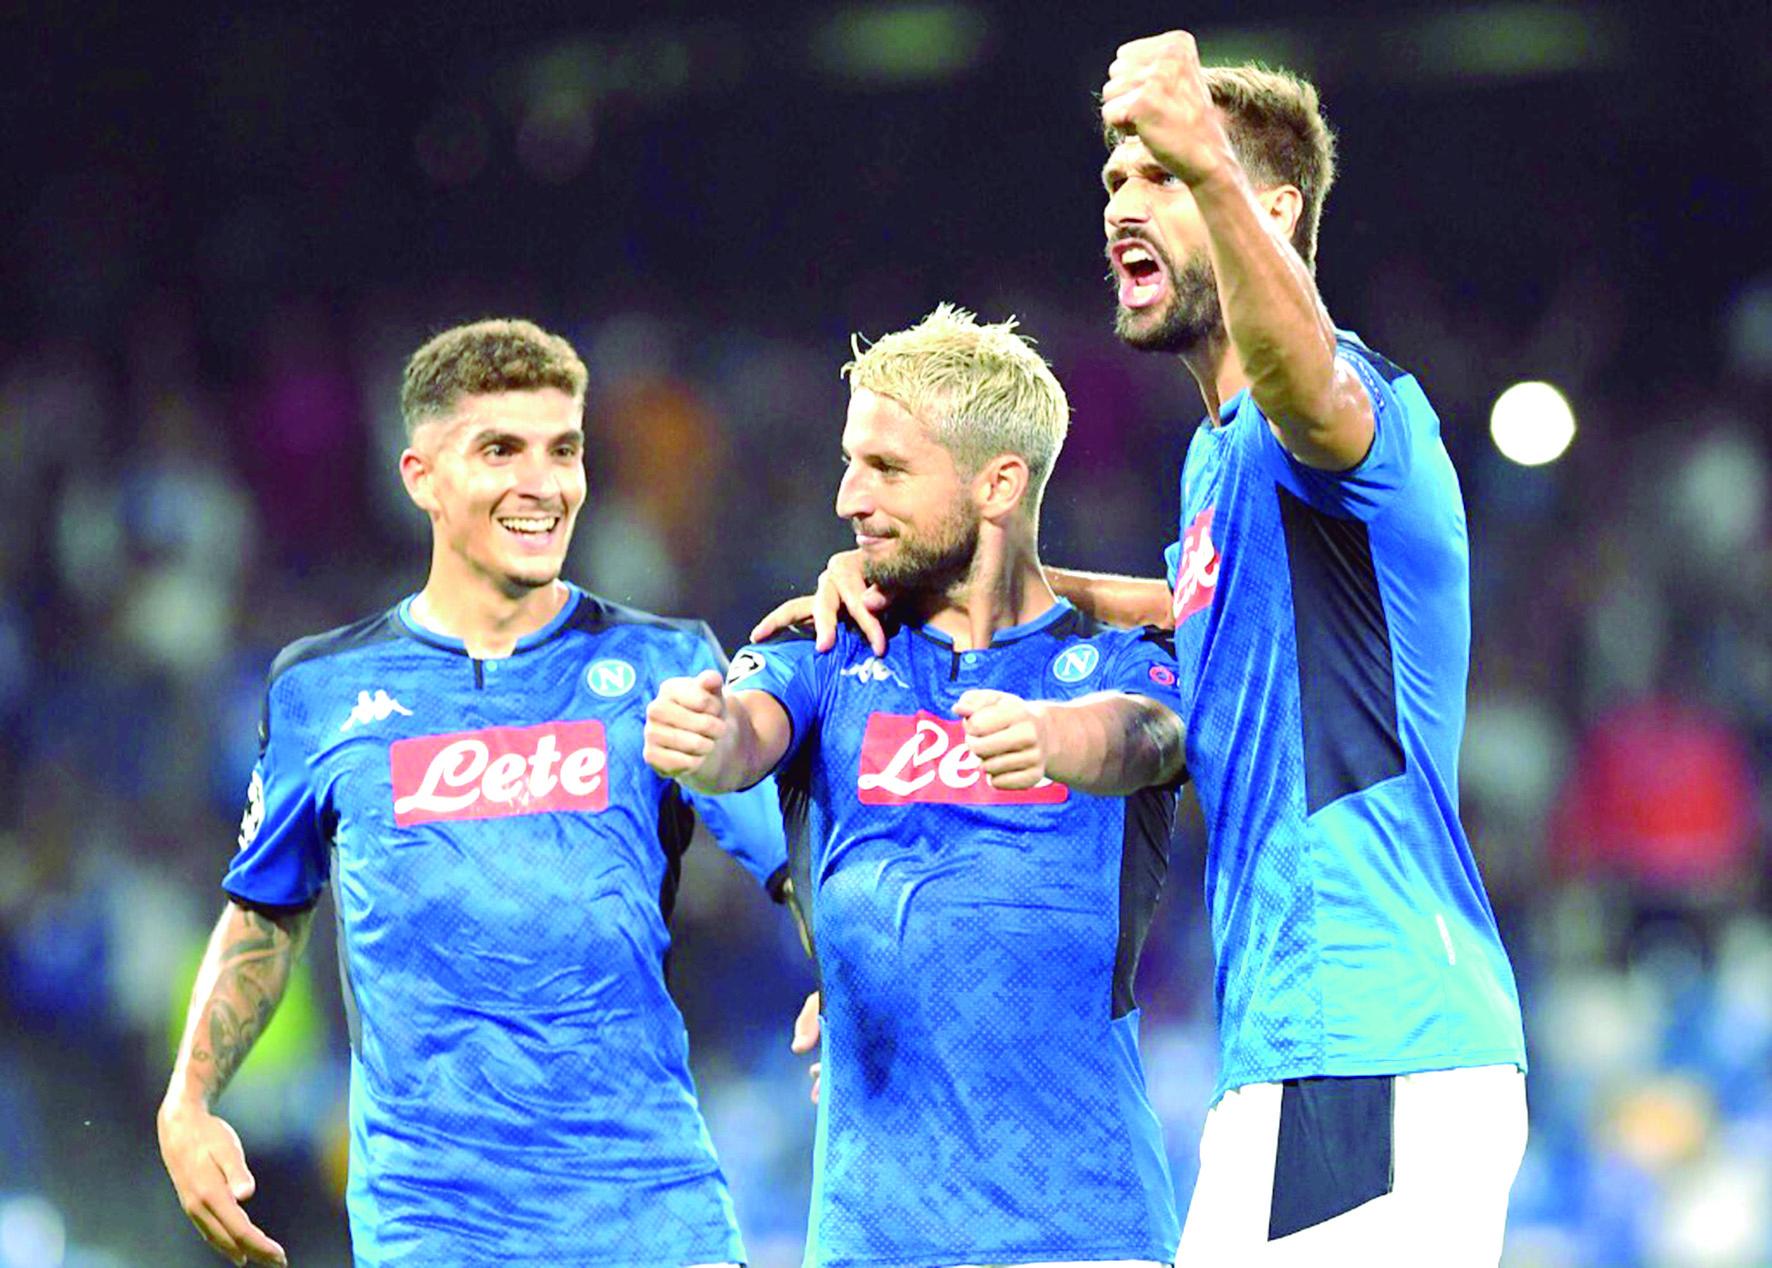 Napoli derrotó a Liverpool en comienzo de Champions | Internacional | Deportes | EL FRENTE